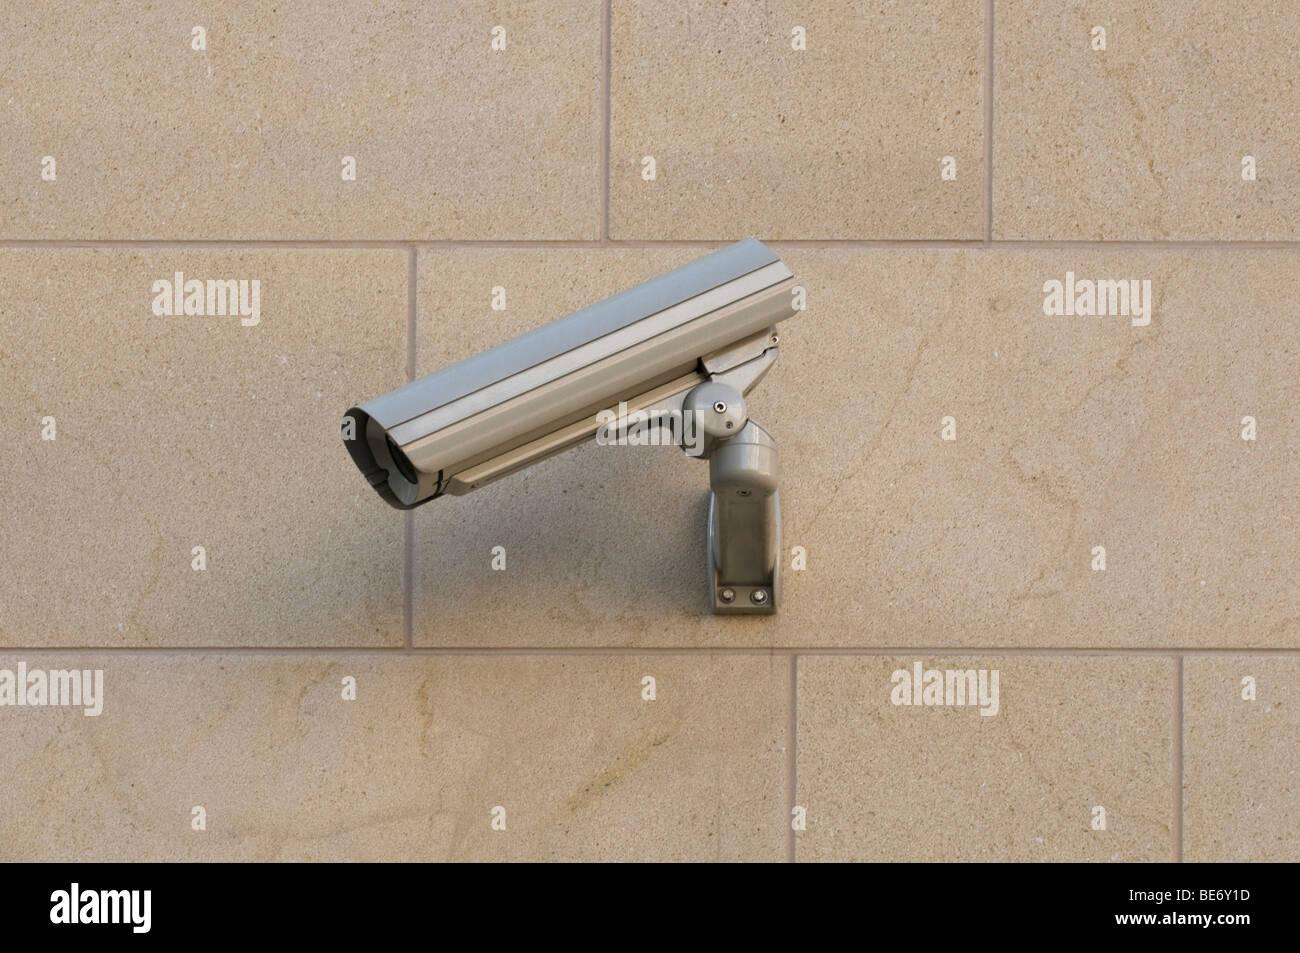 Cámara de vigilancia sobre la fachada de un edificio Imagen De Stock